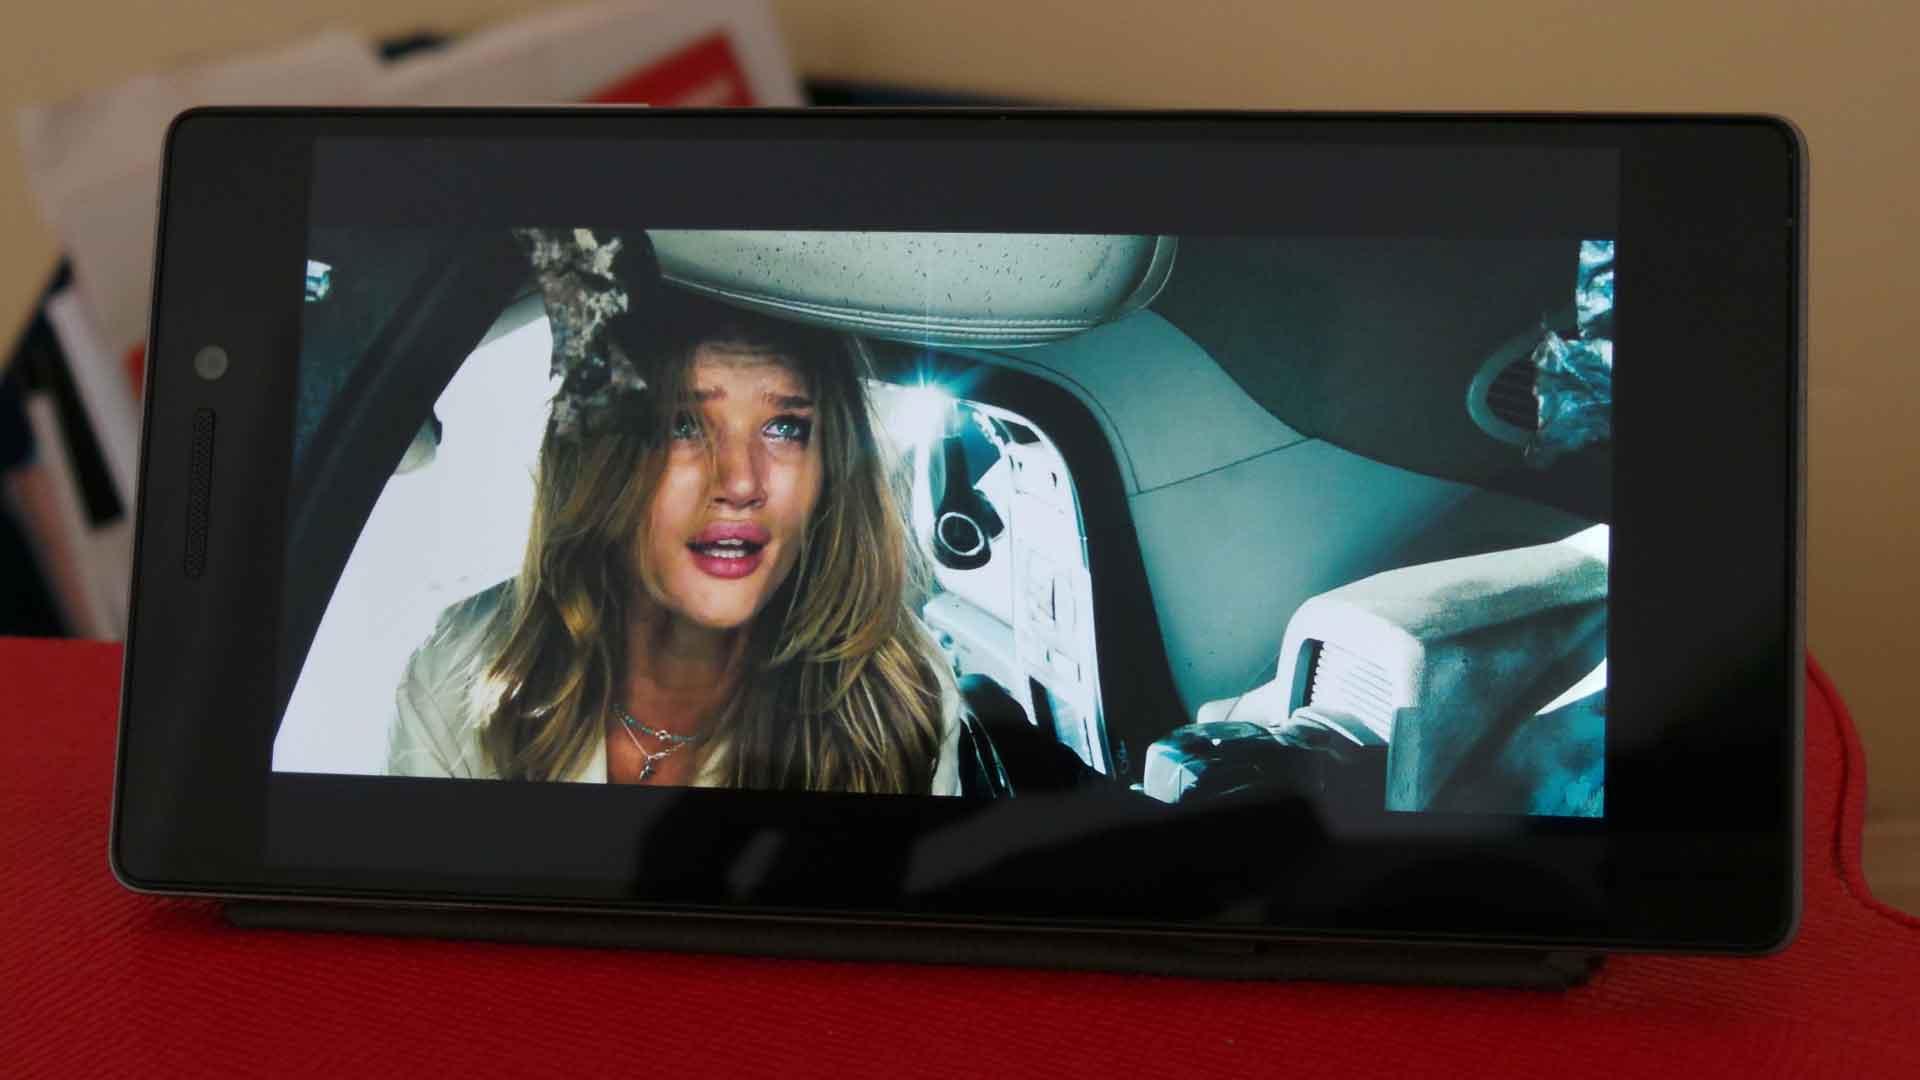 Lenovo Vibe X2 Telset 4glte 32gb Putih Kemunculan Sosok Membawa Atmosfer Yang Cukup Berbeda Memiliki Desain Revolusioner Dan Kekuatan Kinerja Melalui Prosesor Mediatek Octa Core